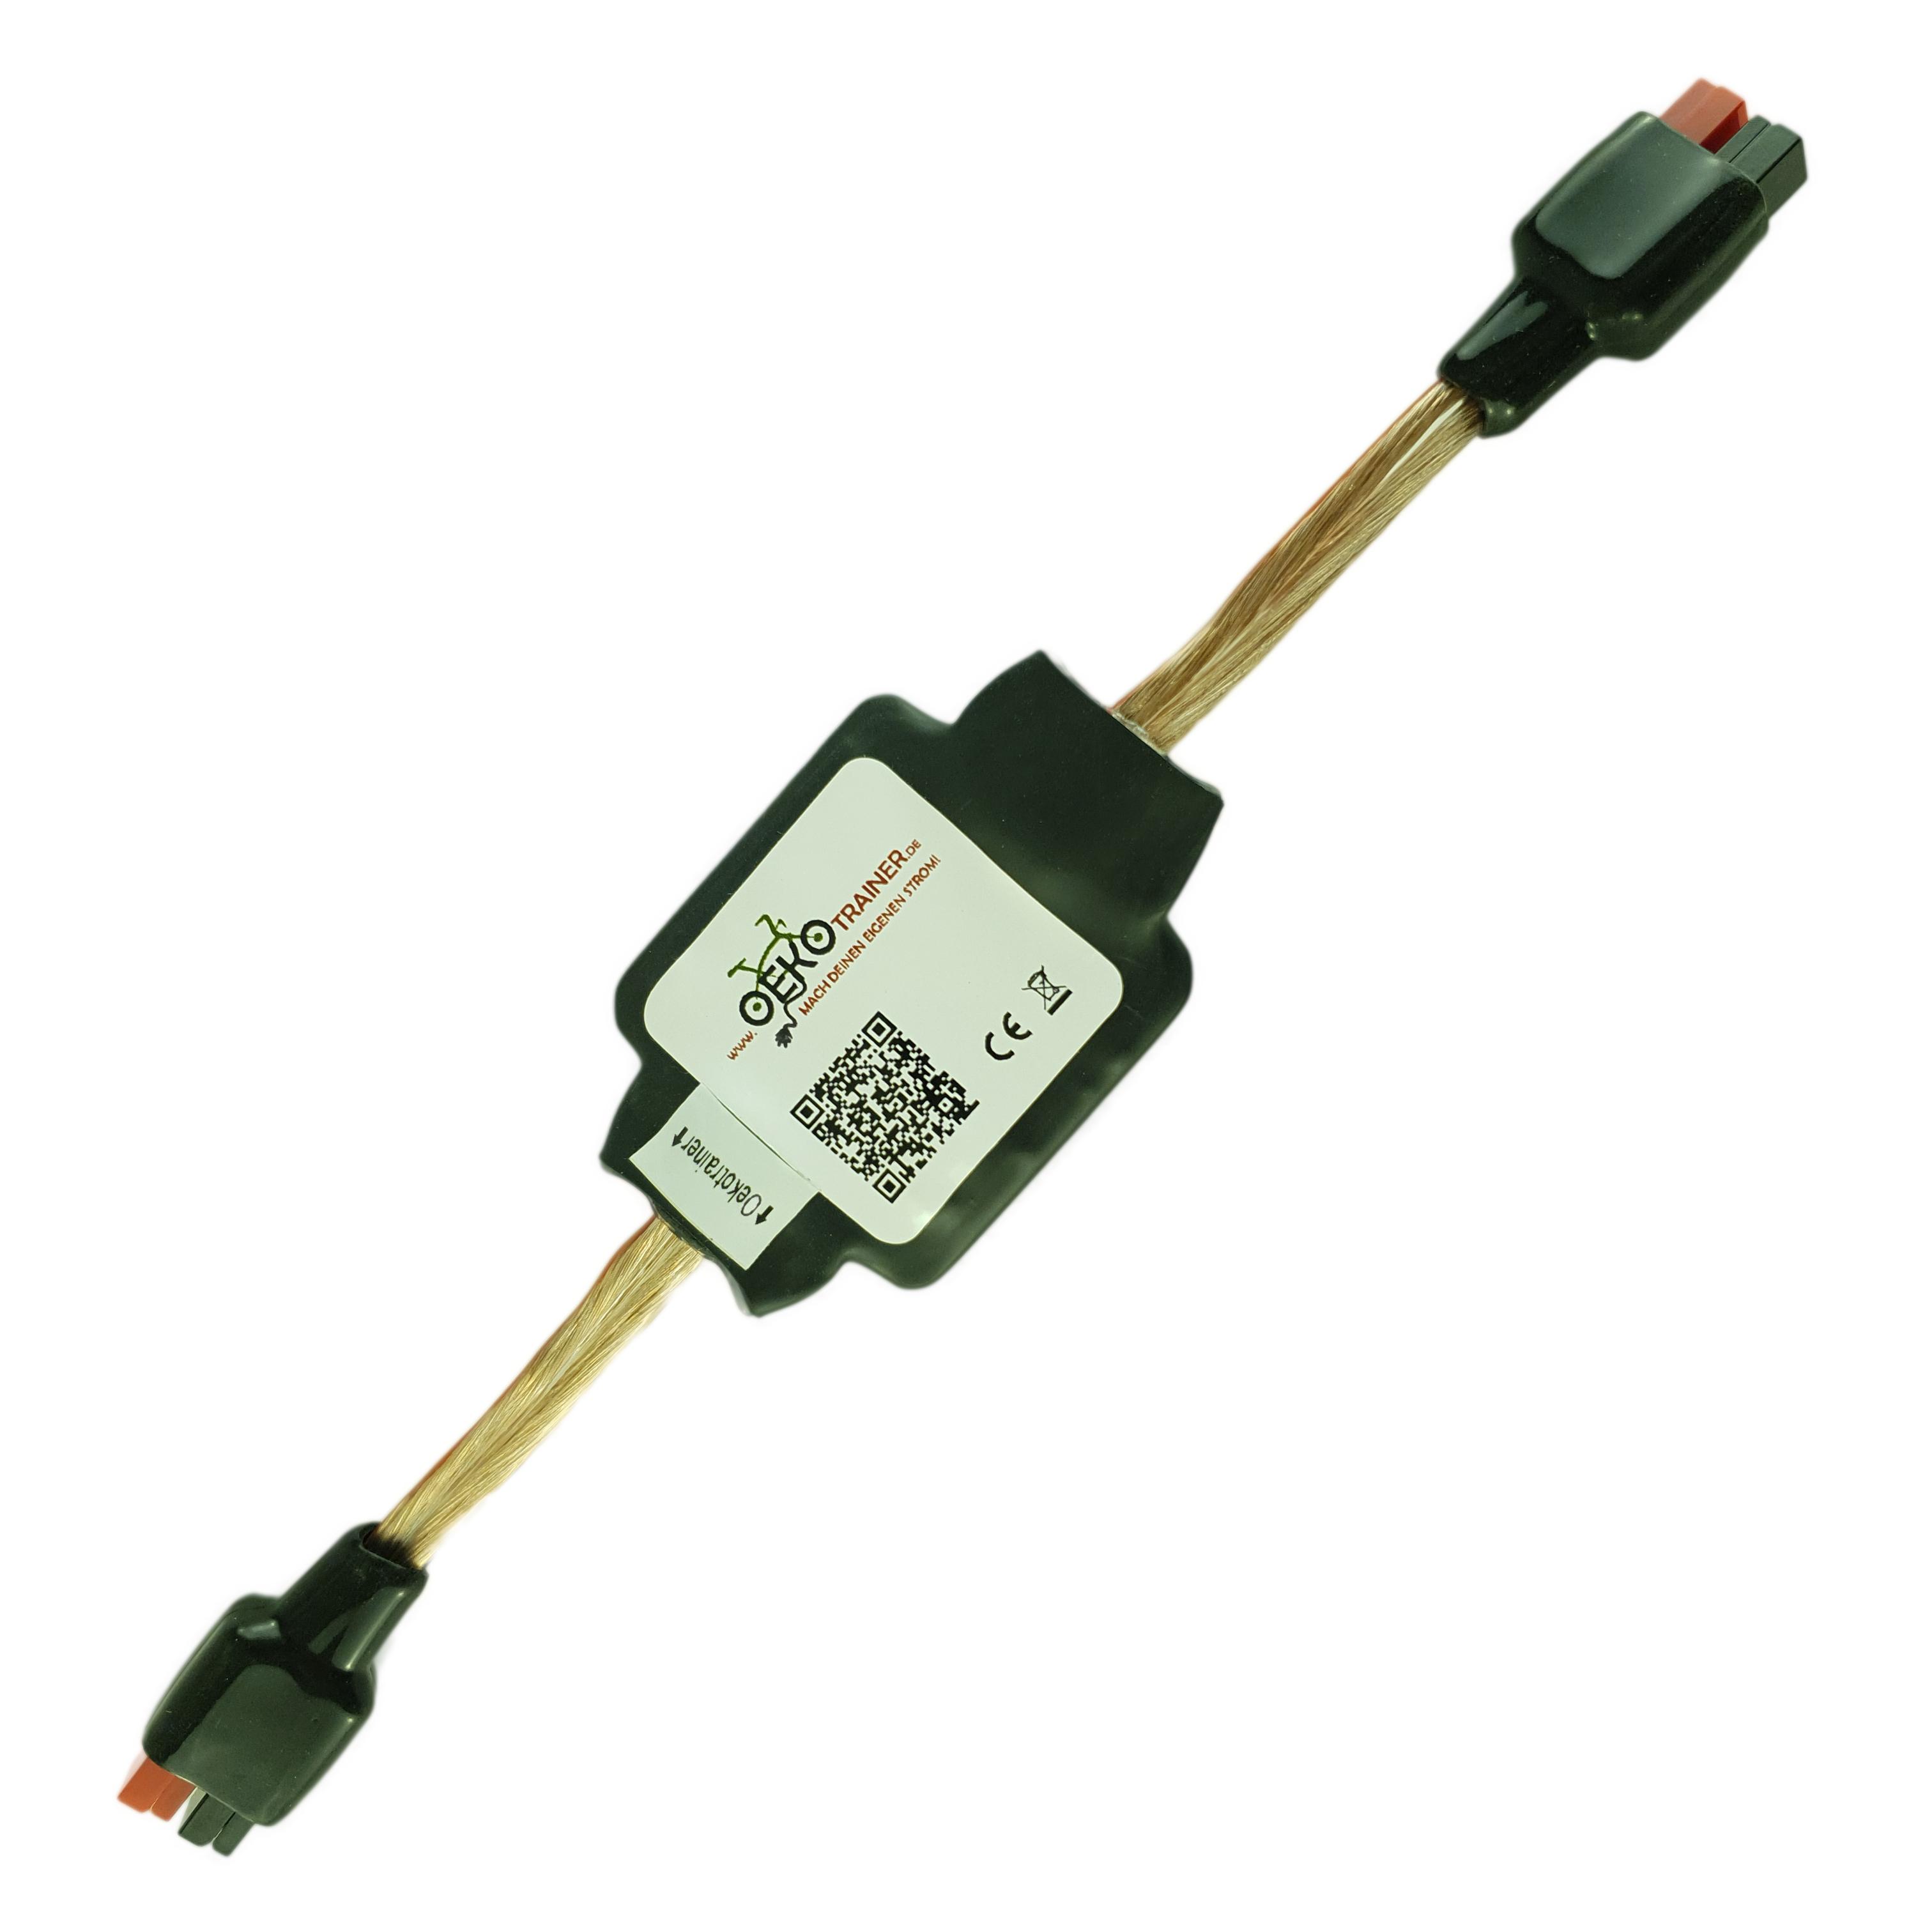 Die PowerBox BT ist ein speziell für den Oekotrainer entwickeltes Leistungsmessgerät, das die Messwerte per Bluetooth LE an ein Android-Gerät übermittelt.